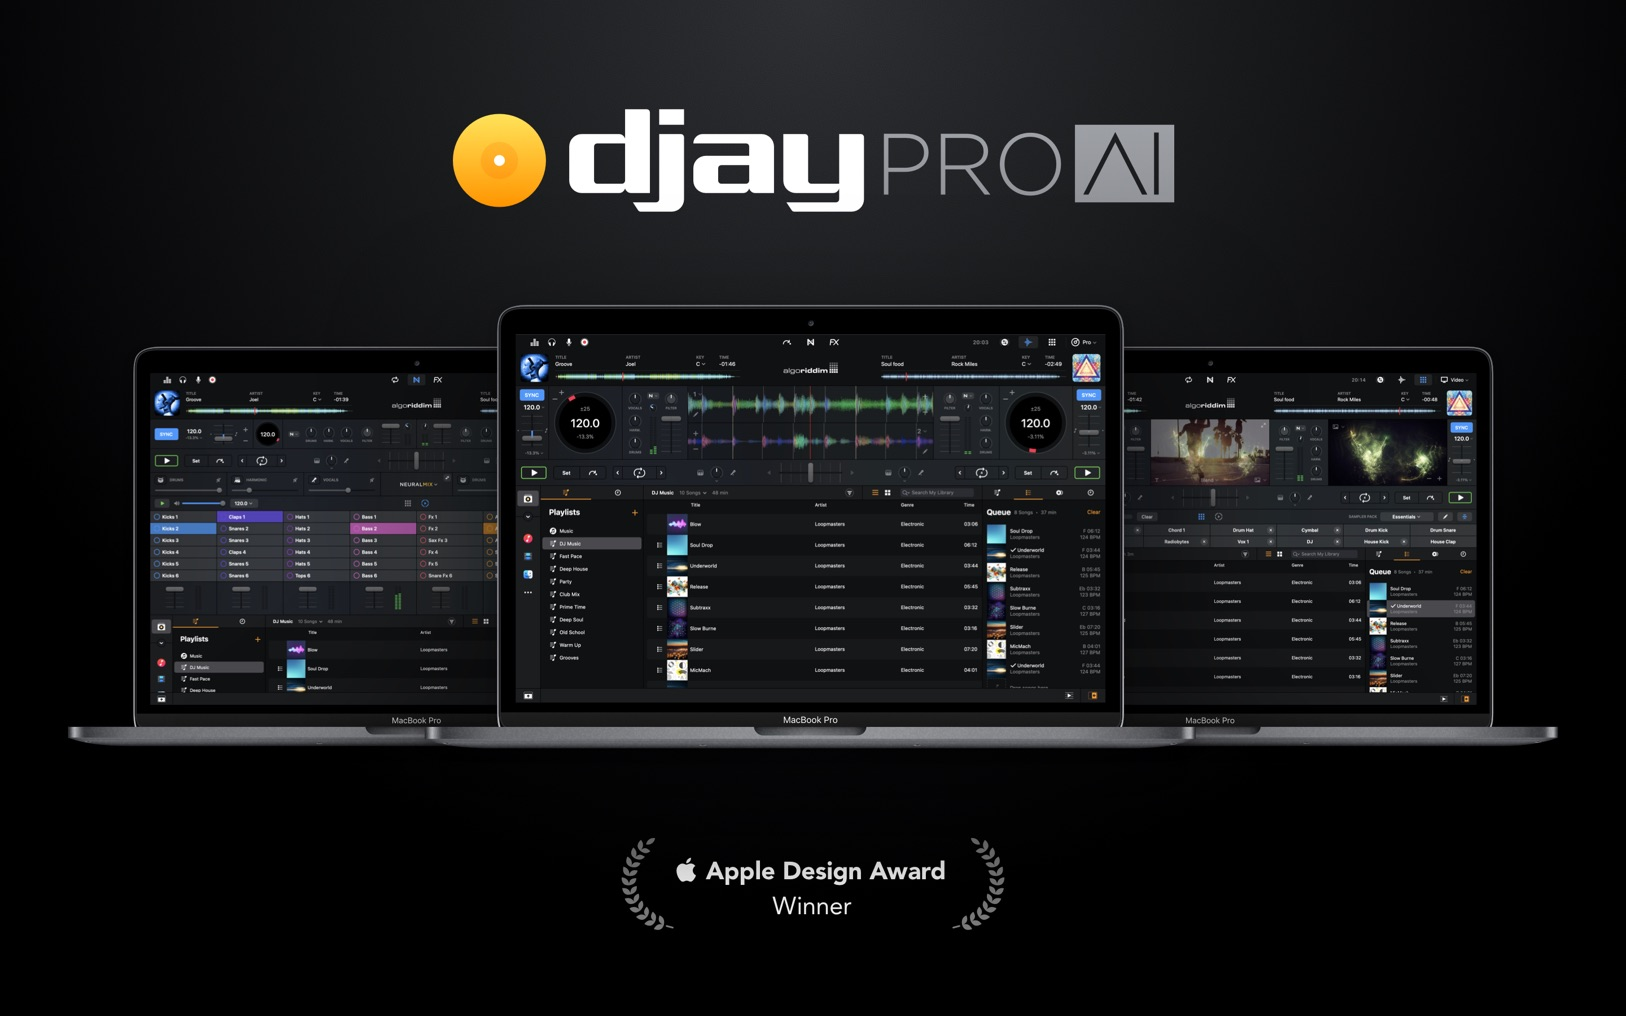 djay-pro-ai